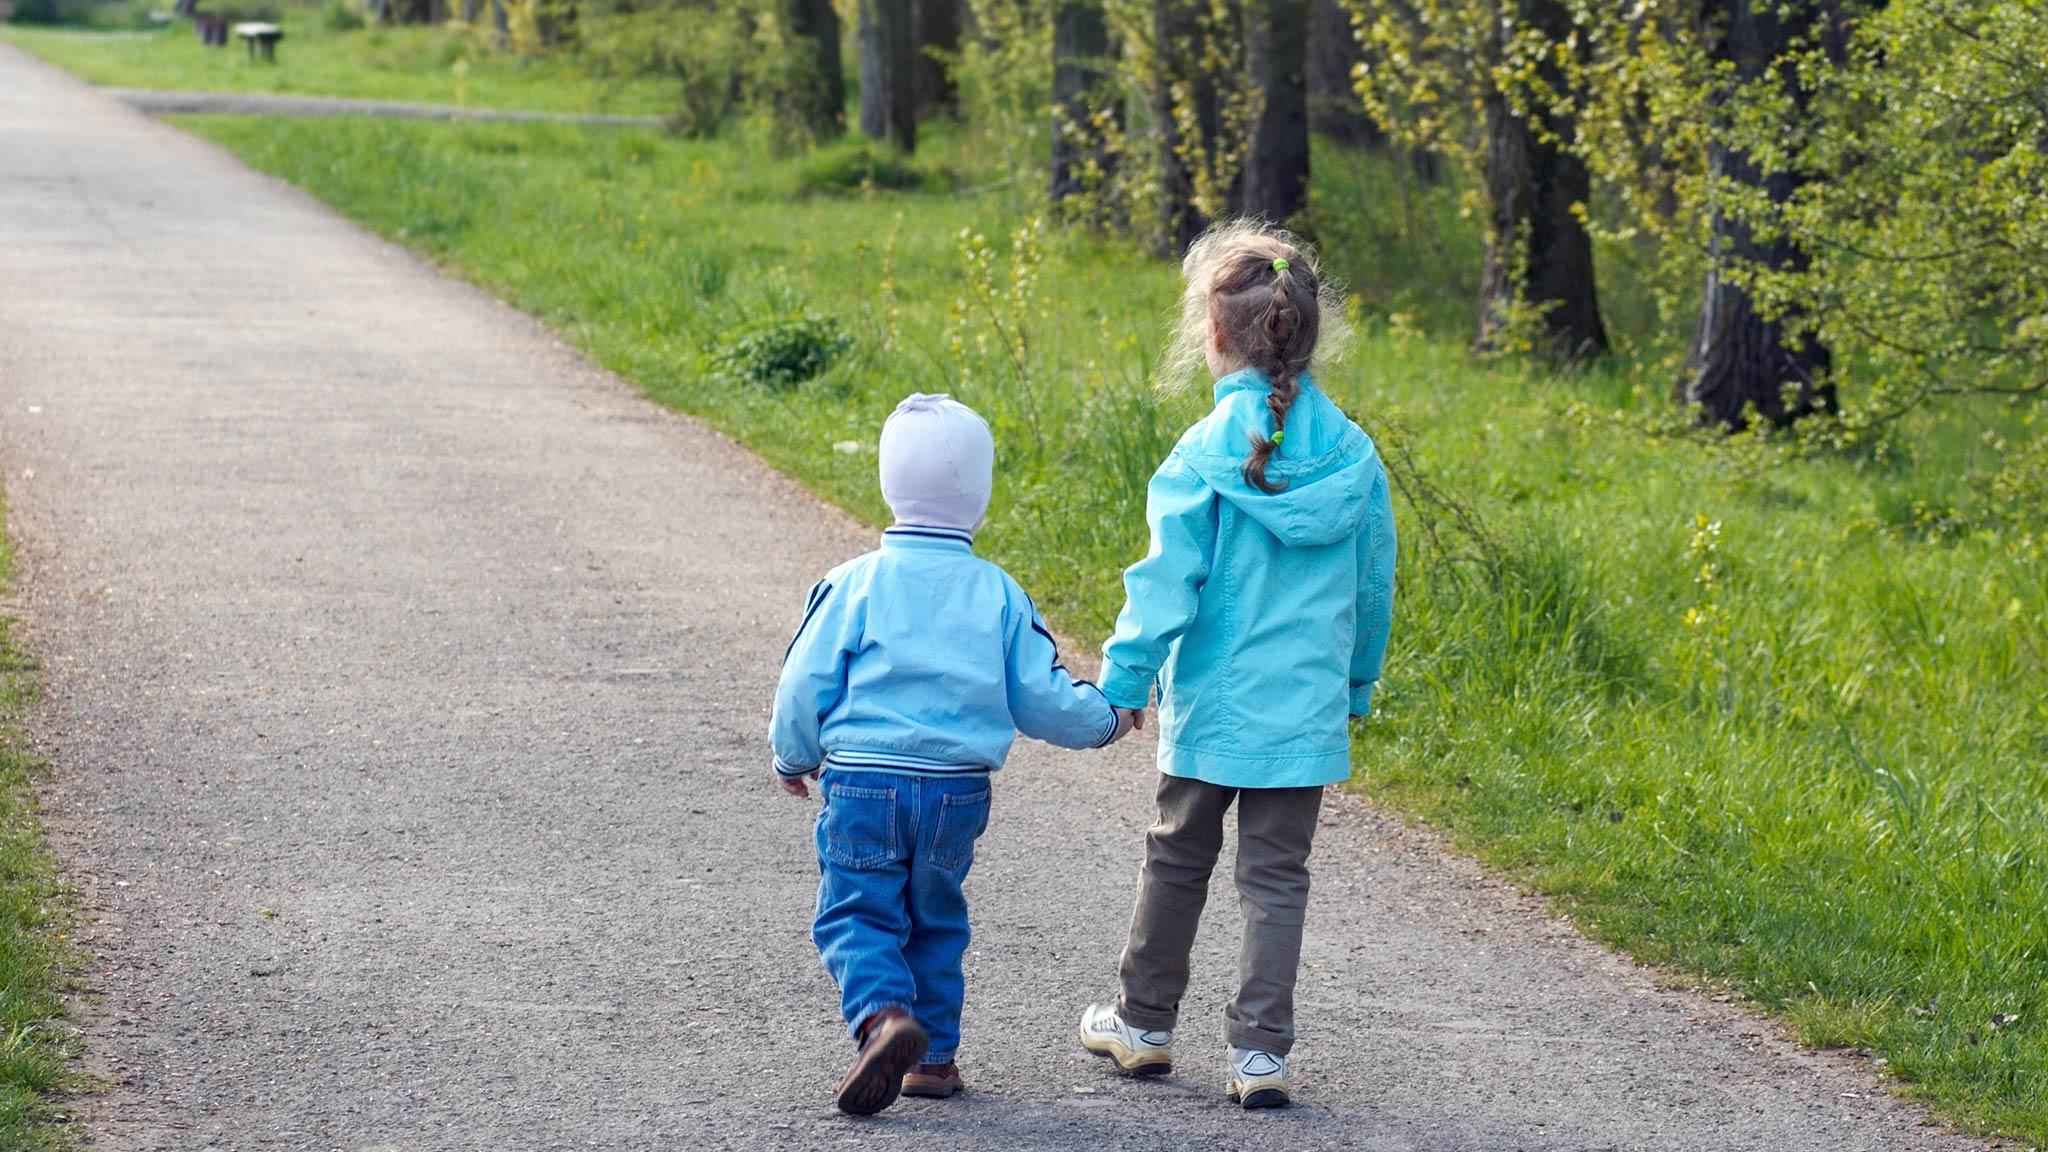 Тверские спасатели рассказали о безопасности детей во время прогулок